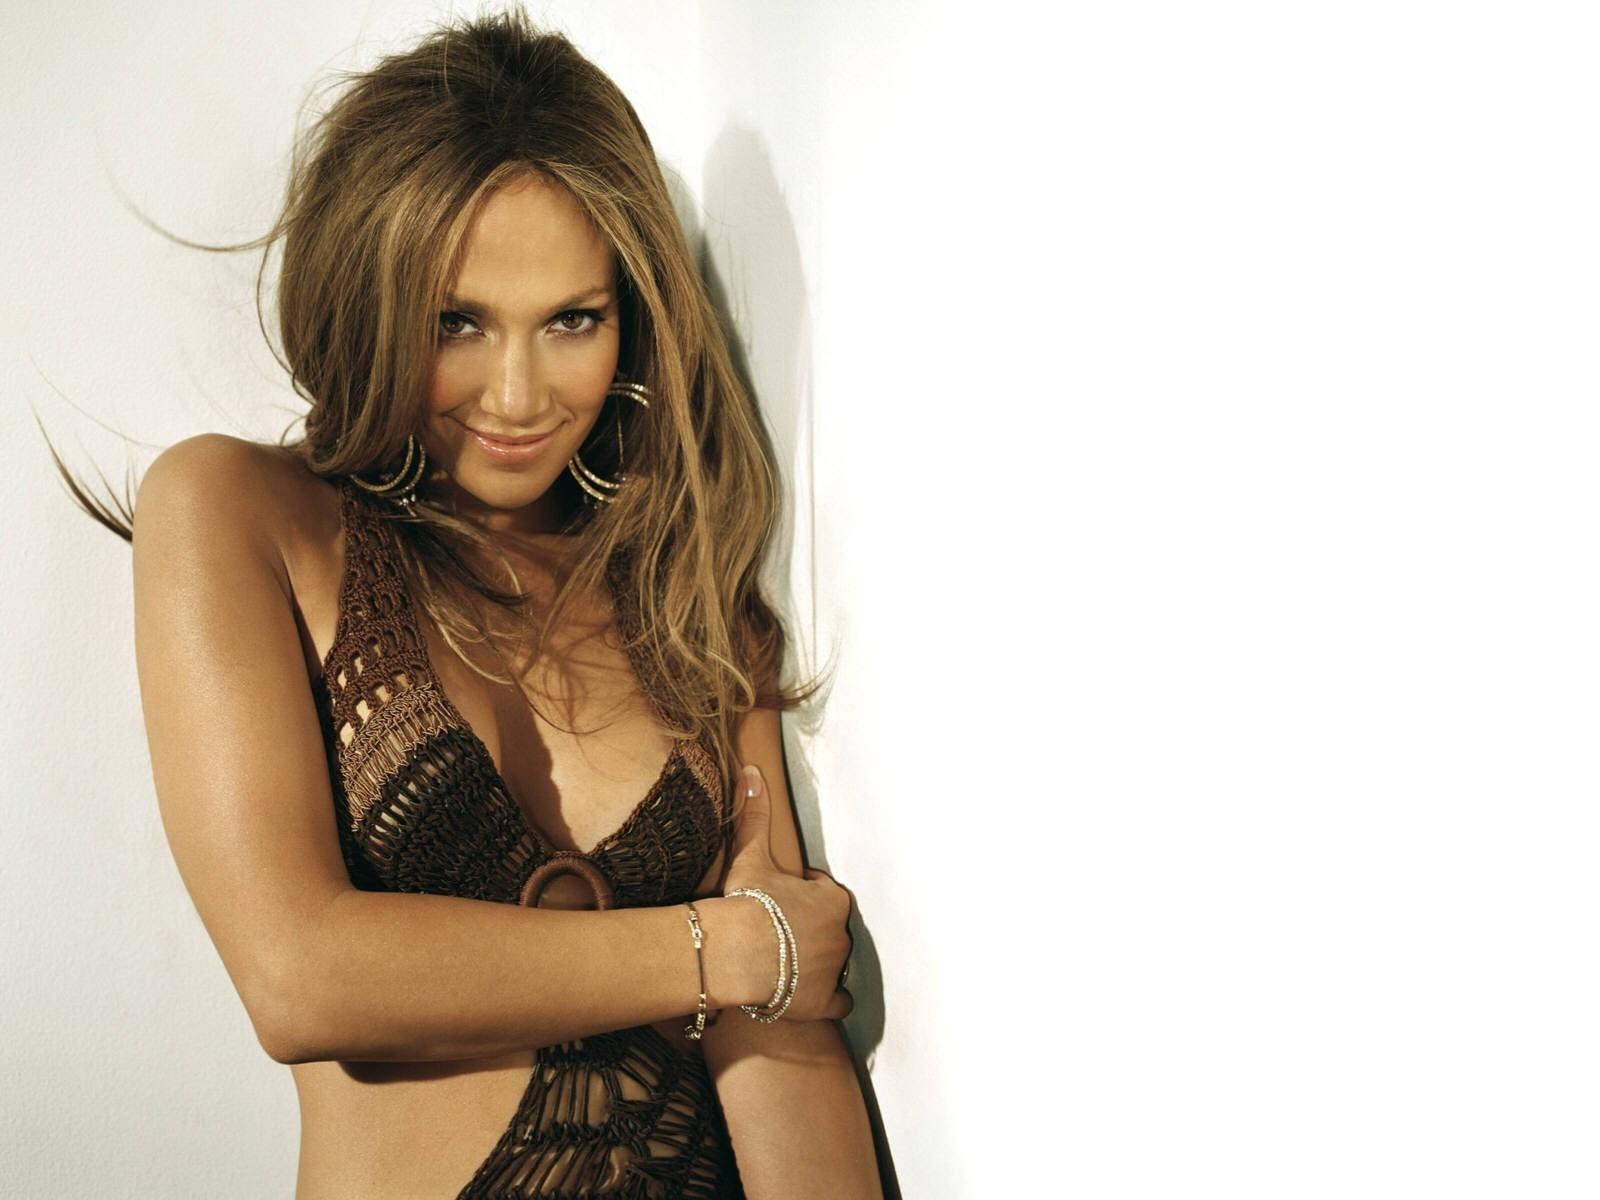 Wallpaper di J. Lo - la splendida cantante e attrice americana è nata il 24 luglio del '69 sotto il segno del Leone